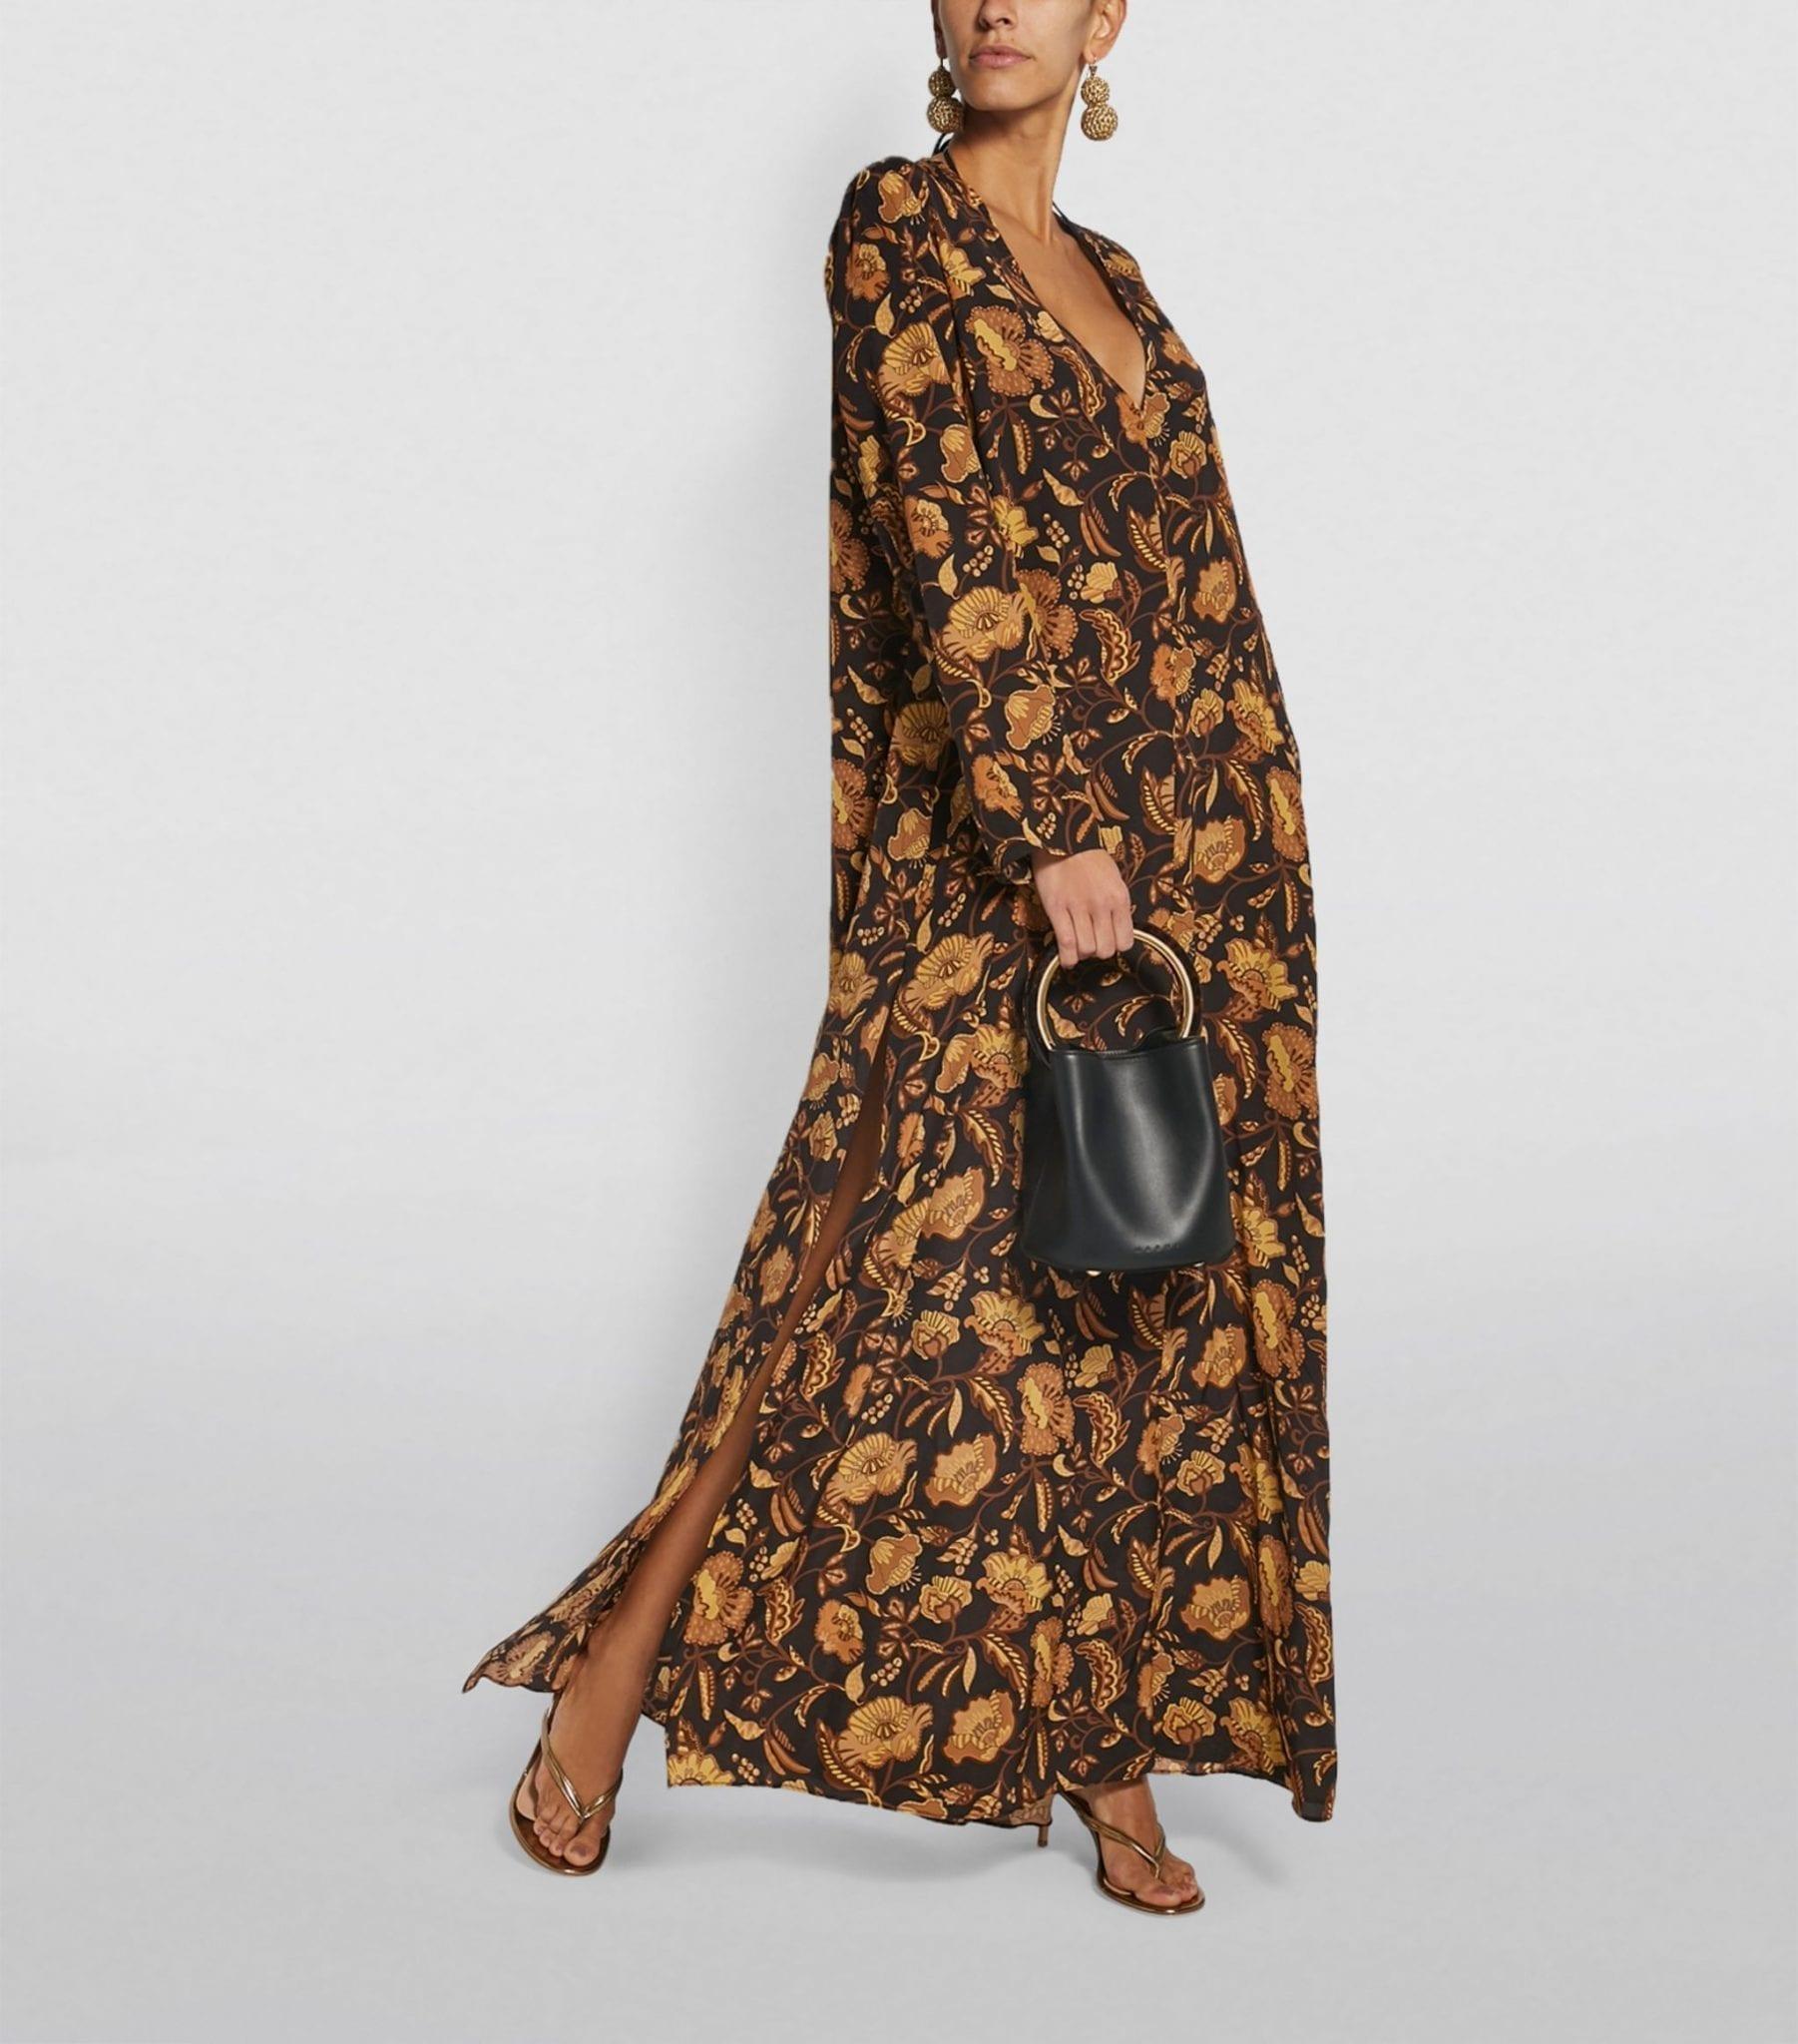 MATTEAU The Long Silk Dress